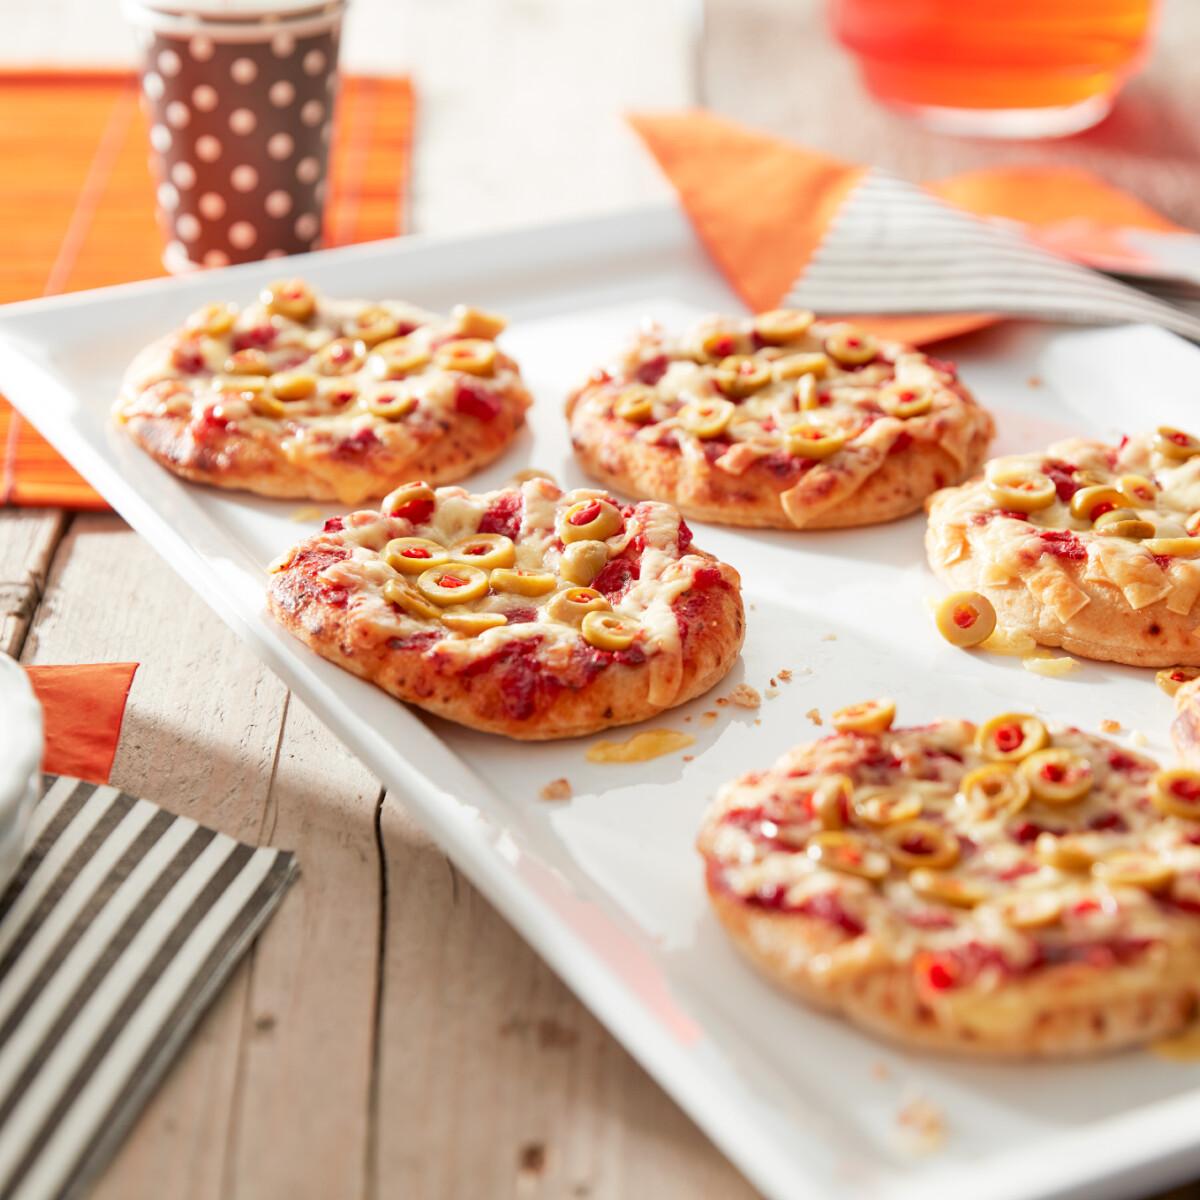 Ezen a képen: Mini pizza Philips Airfryerben készítve